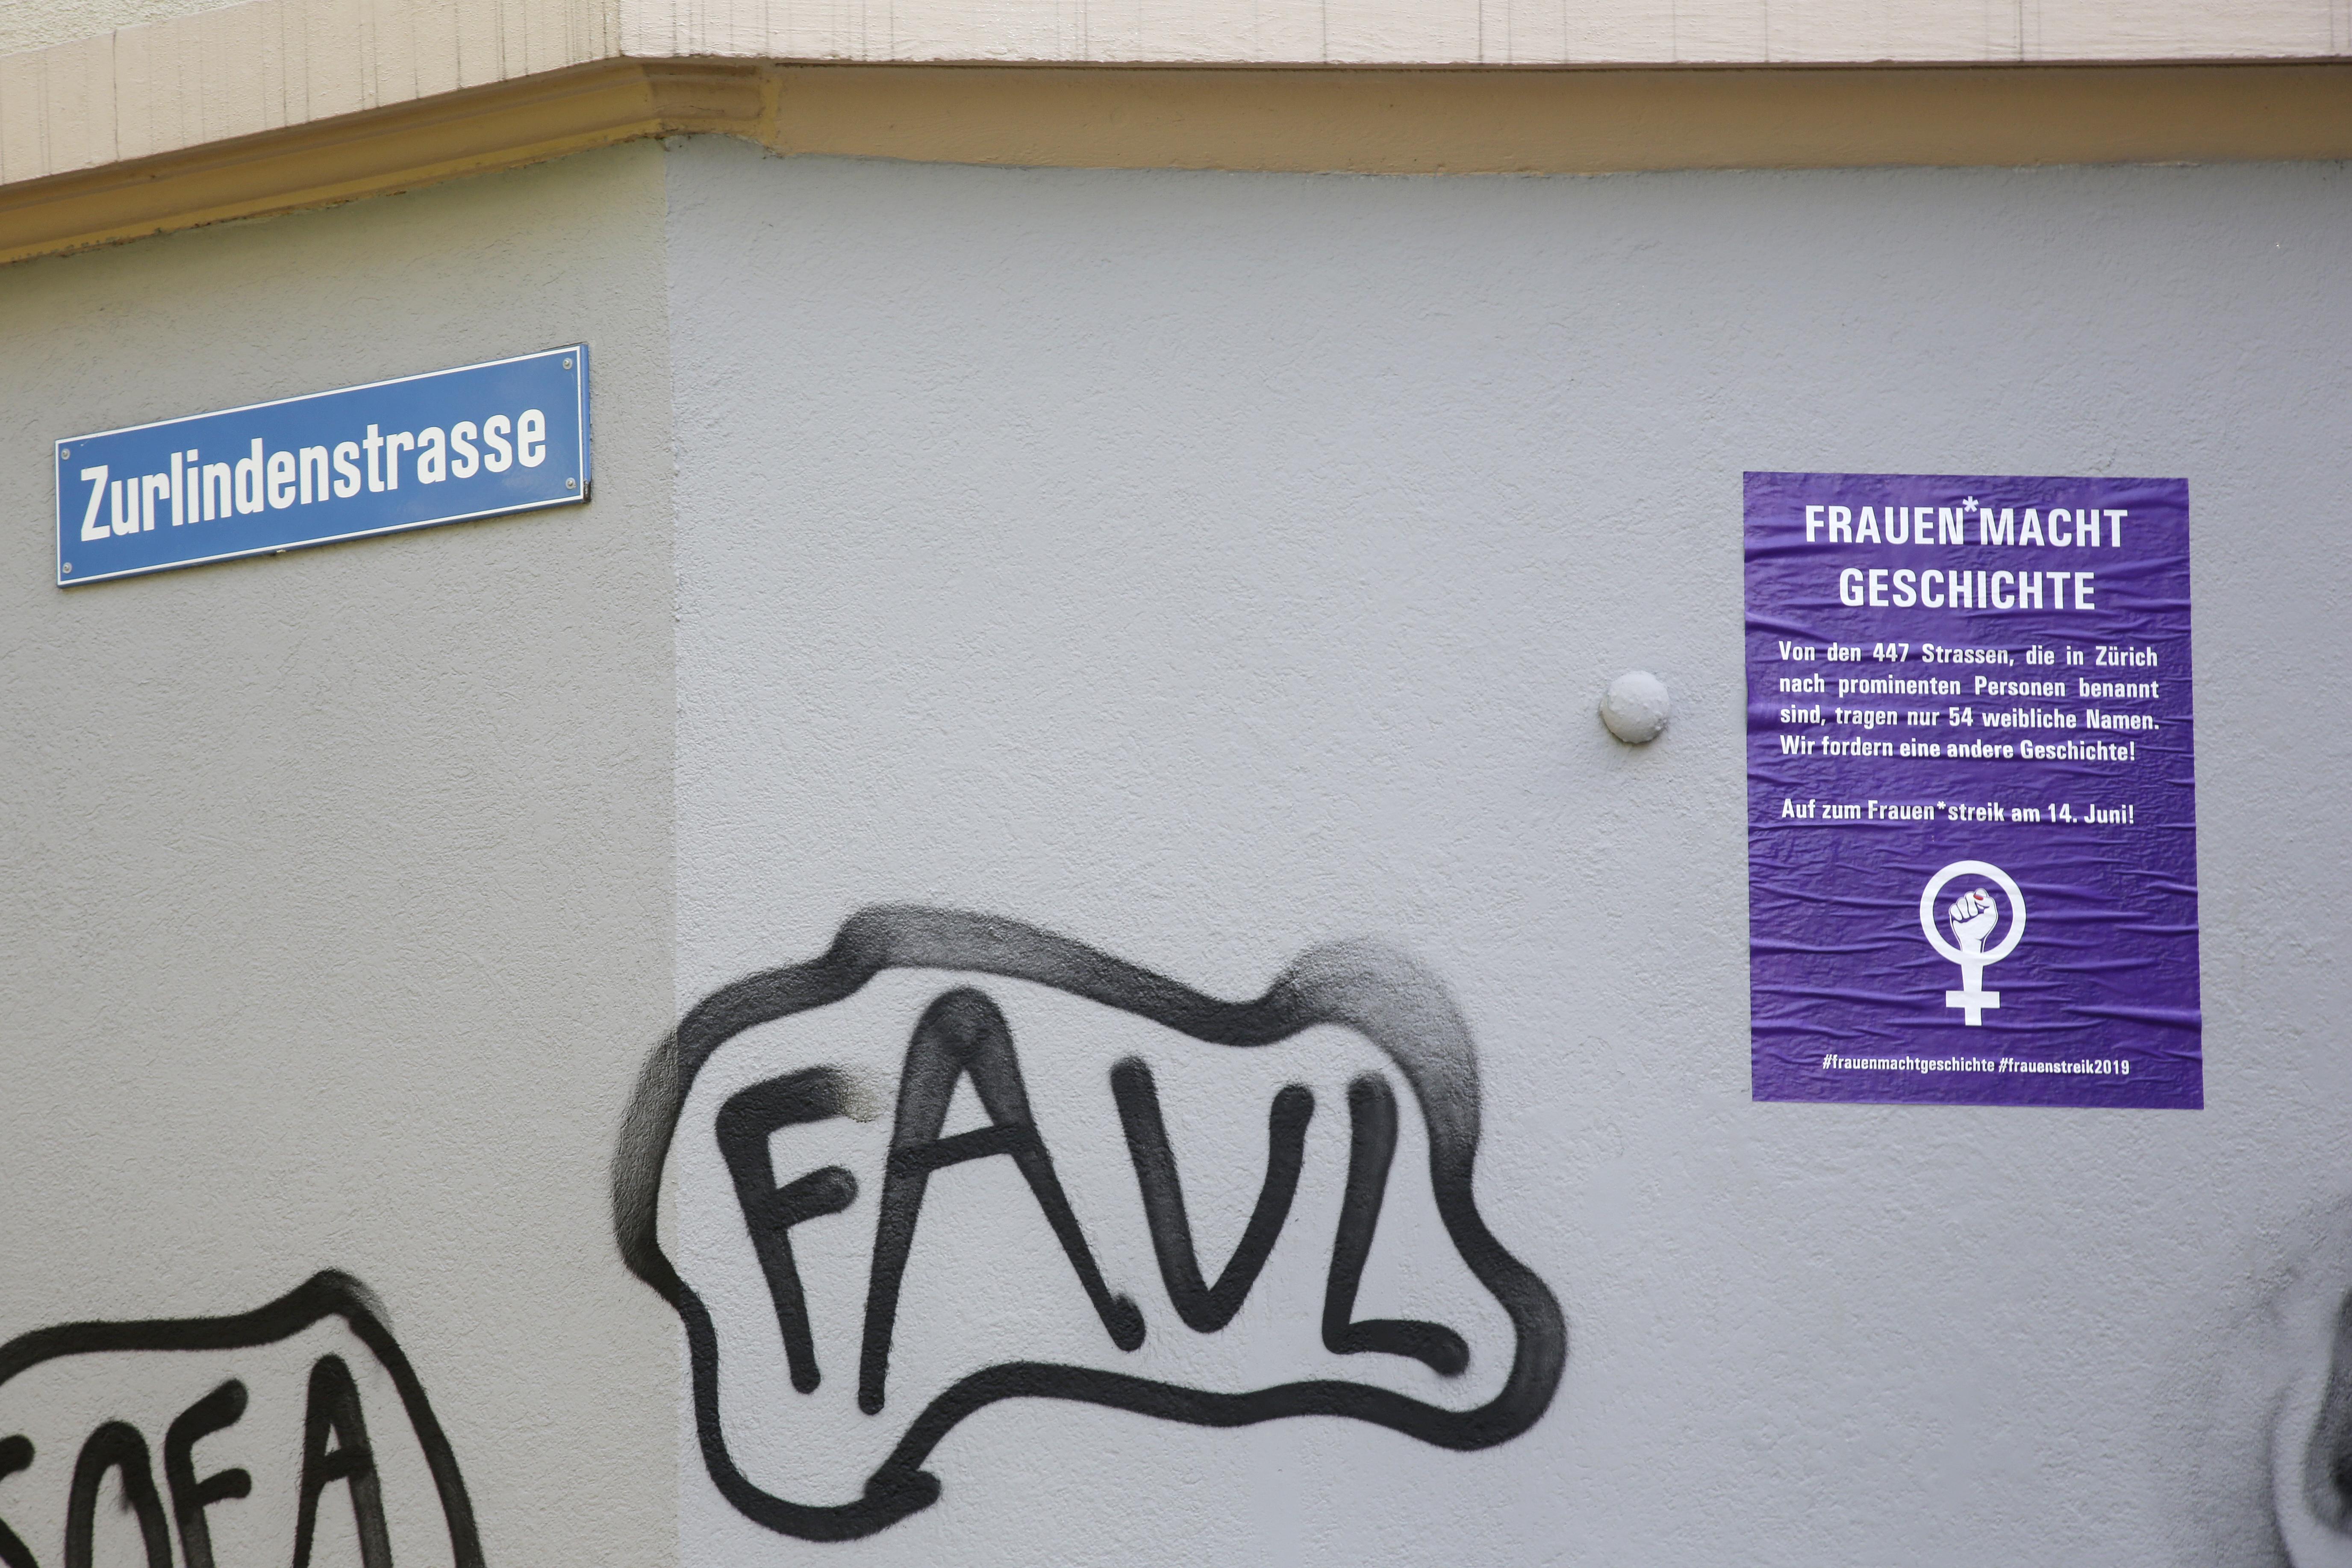 """Foto zur Aktion """"Frauen macht Geschicte"""""""